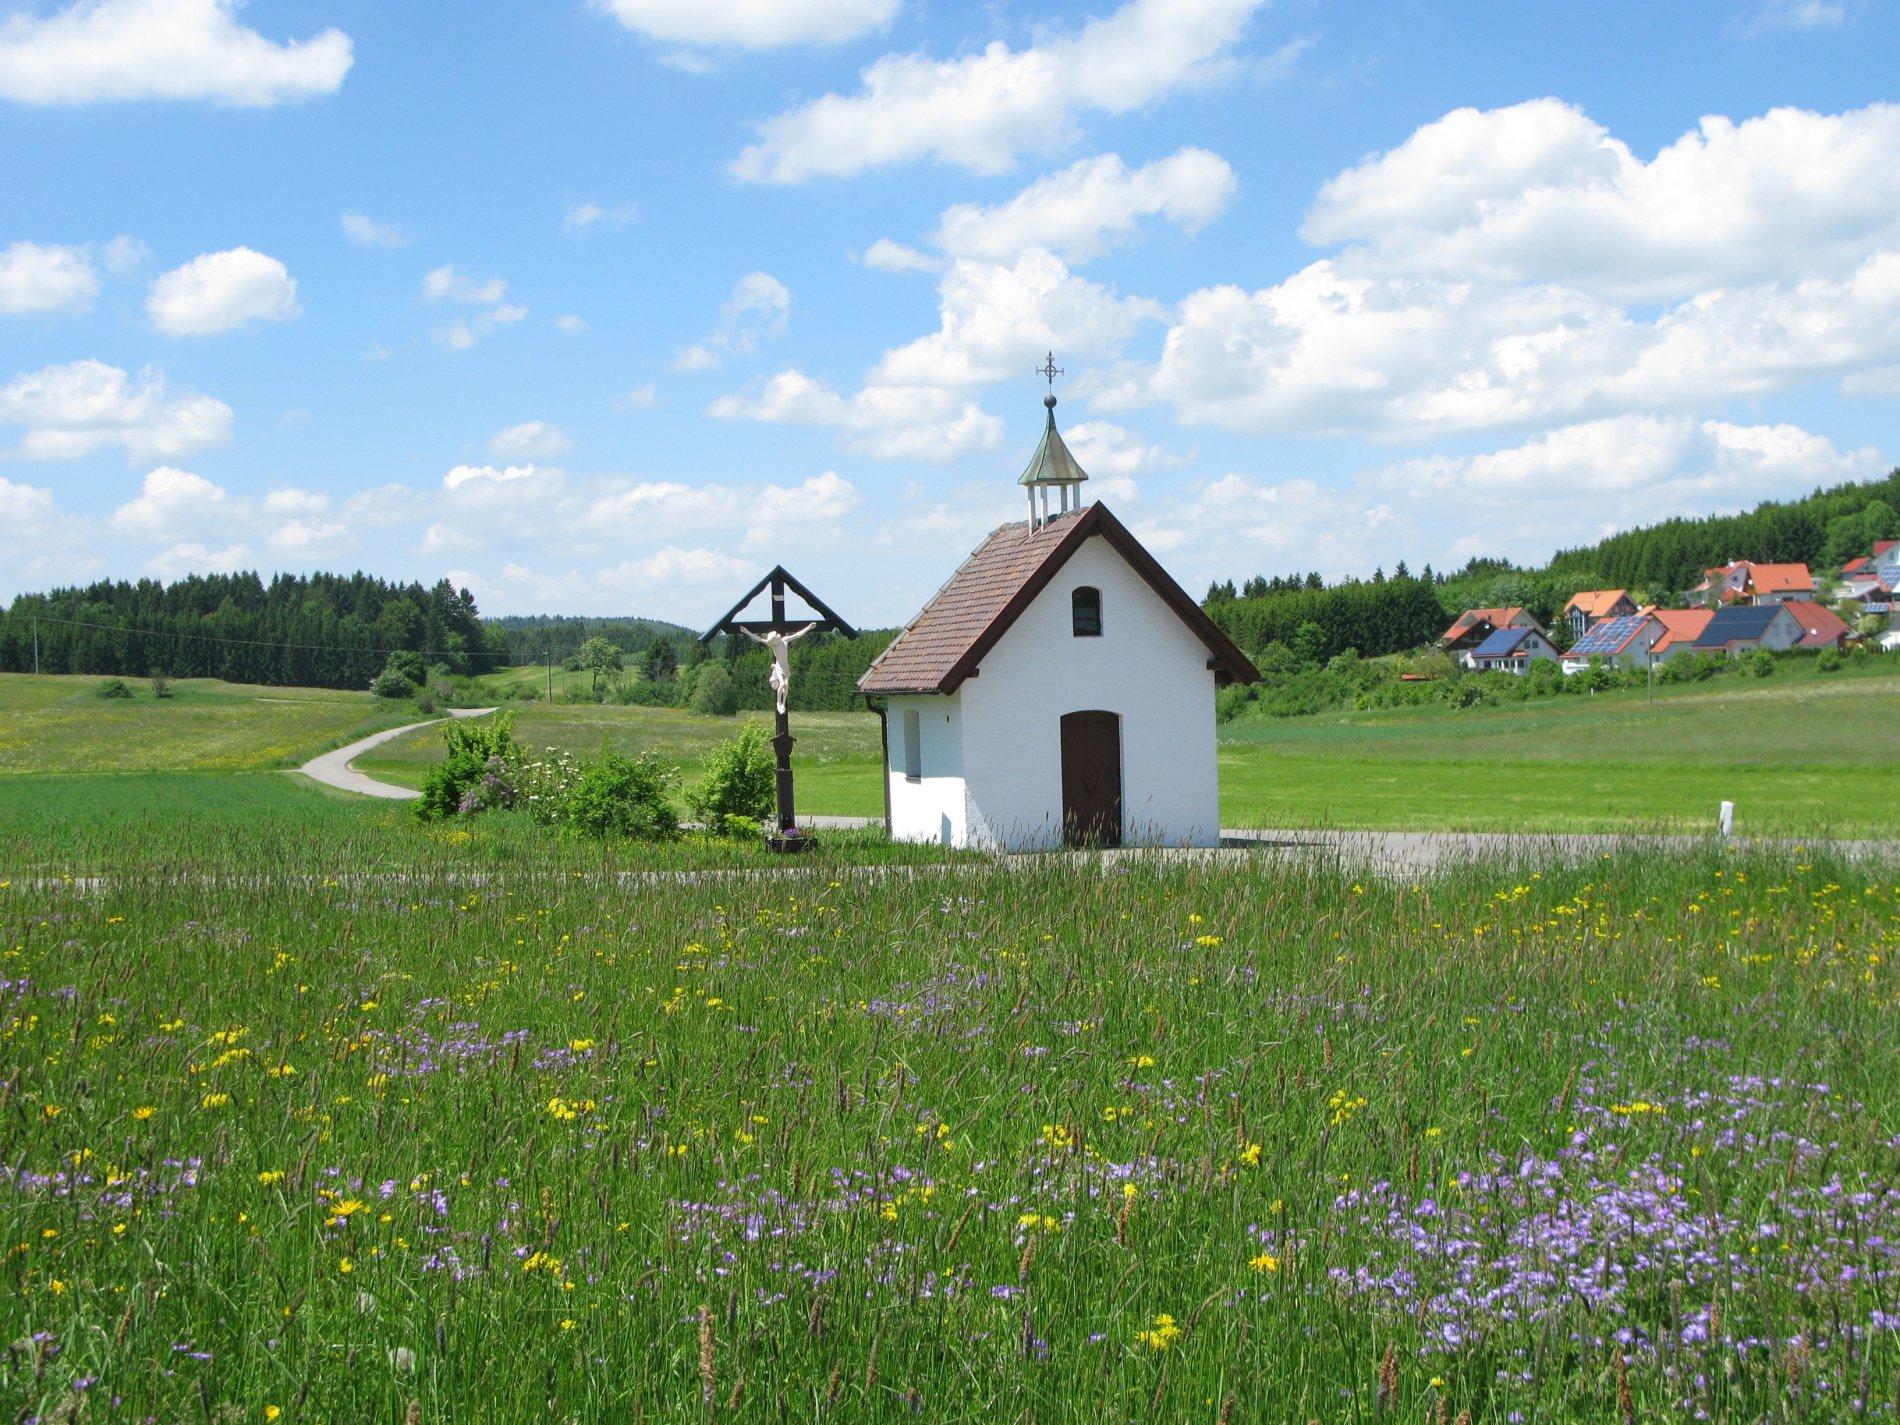 Dreifaltigkeitskapelle in Hartheim